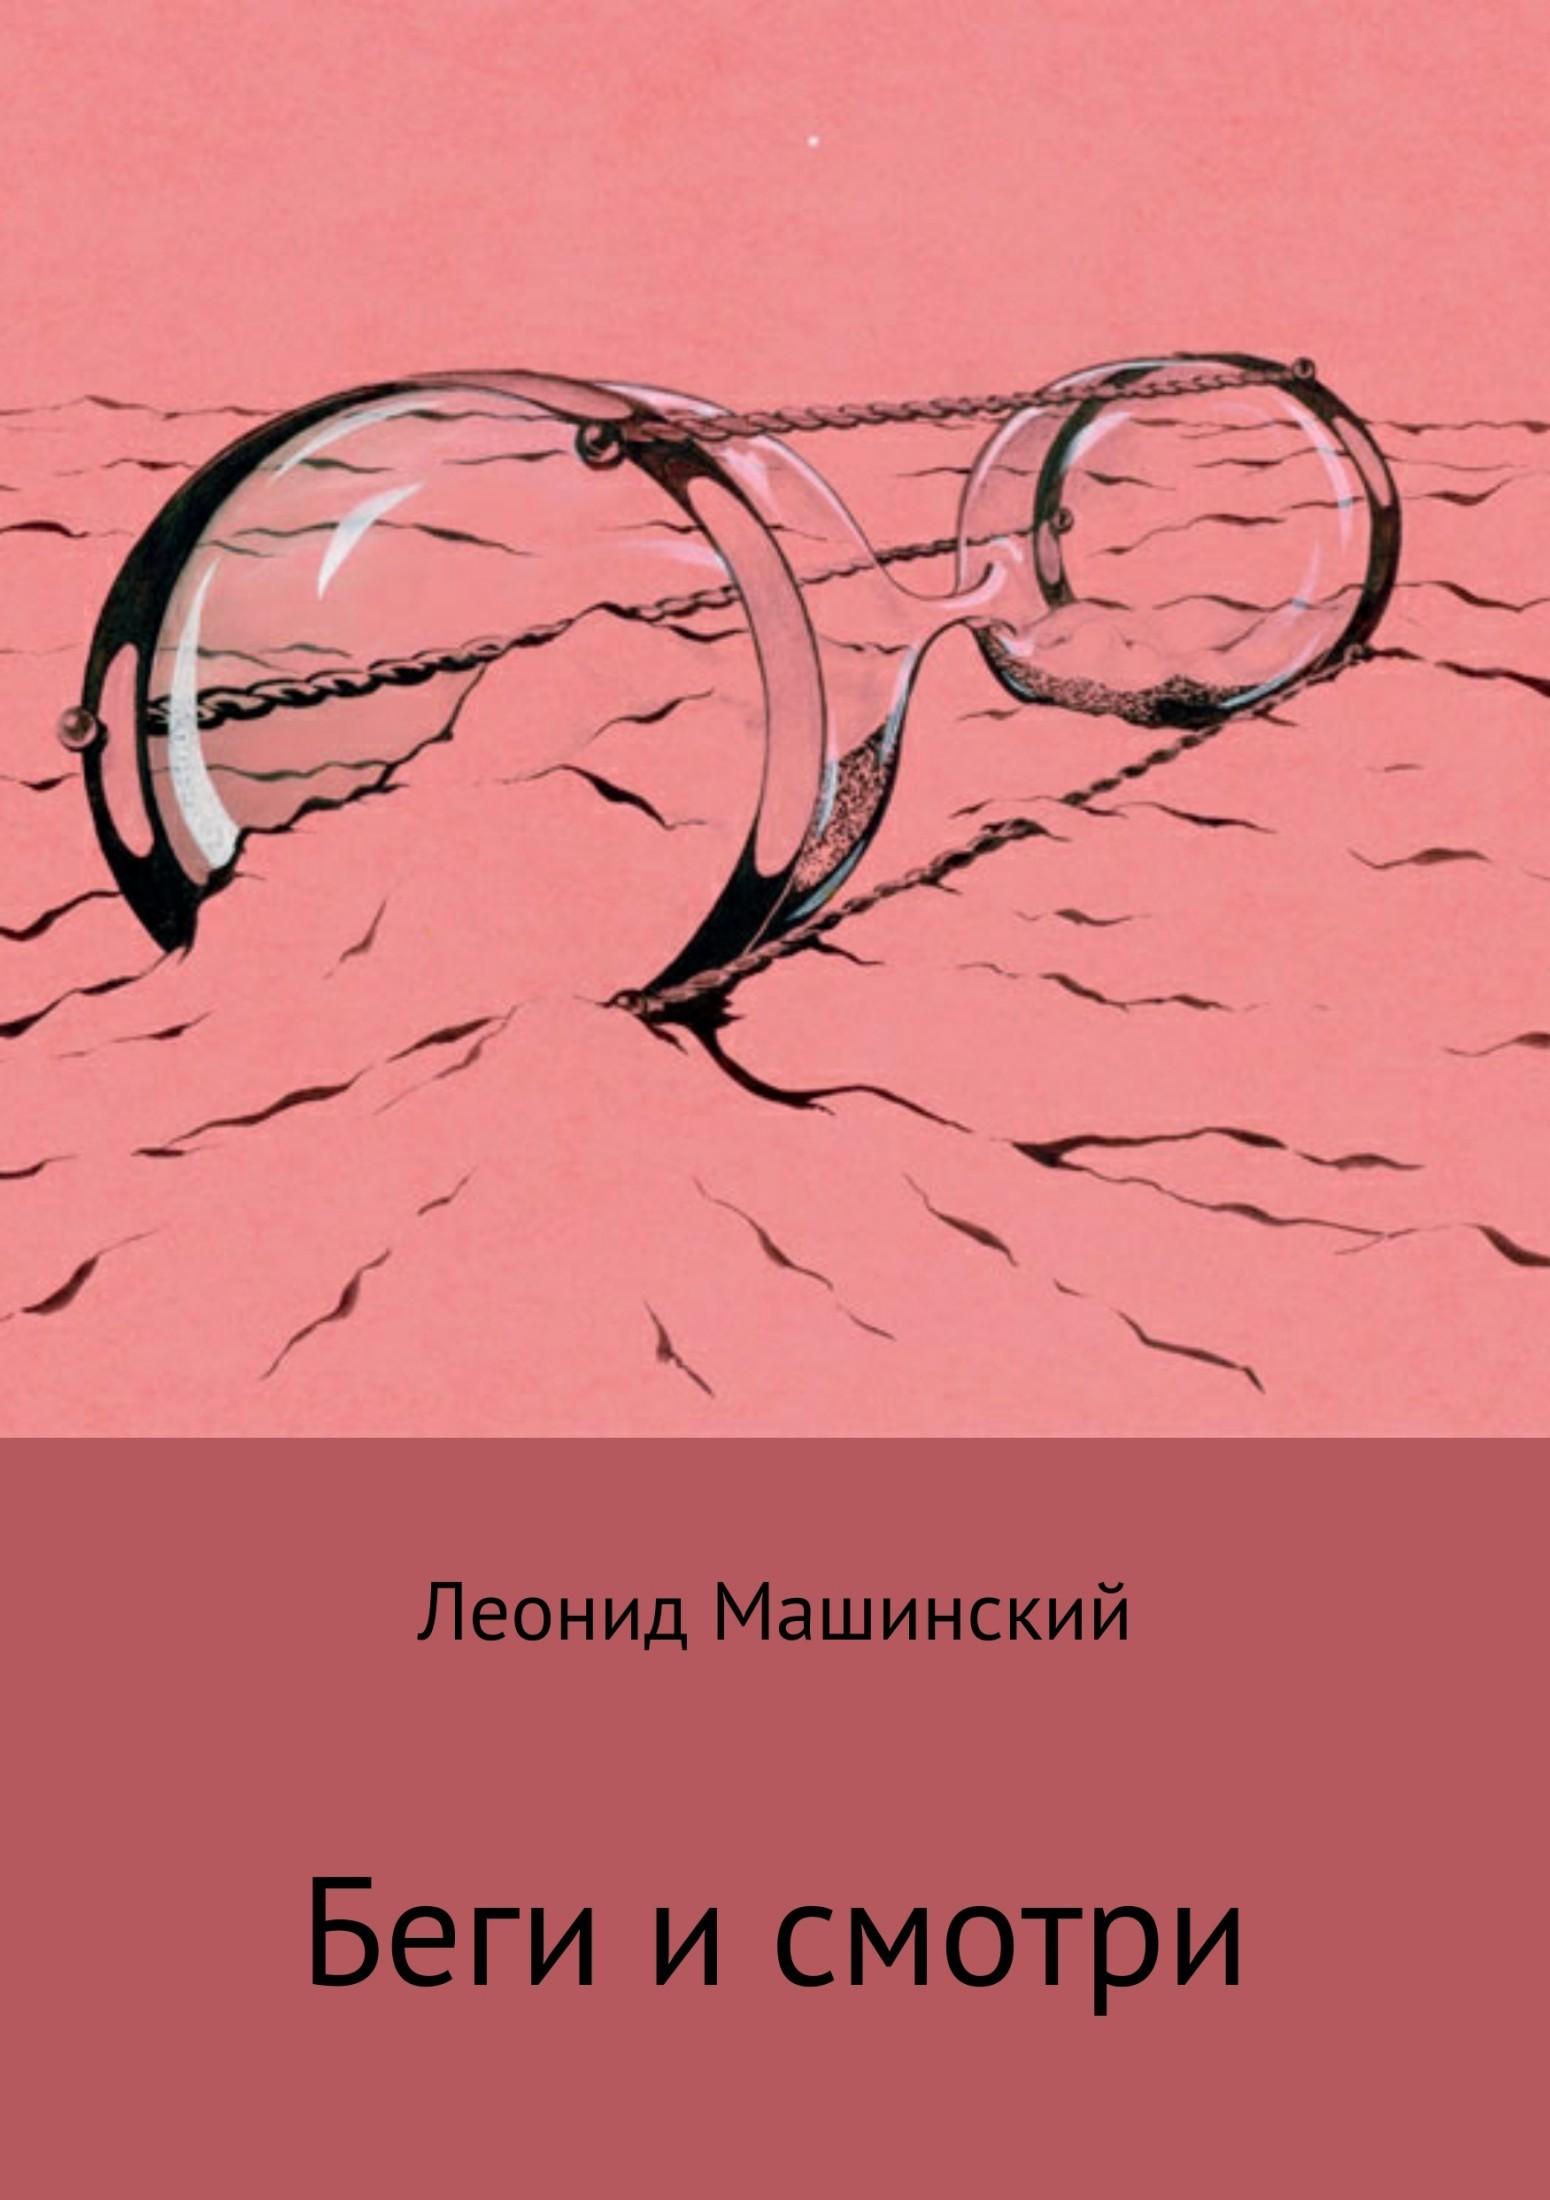 Леонид Александрович Машинский бесплатно